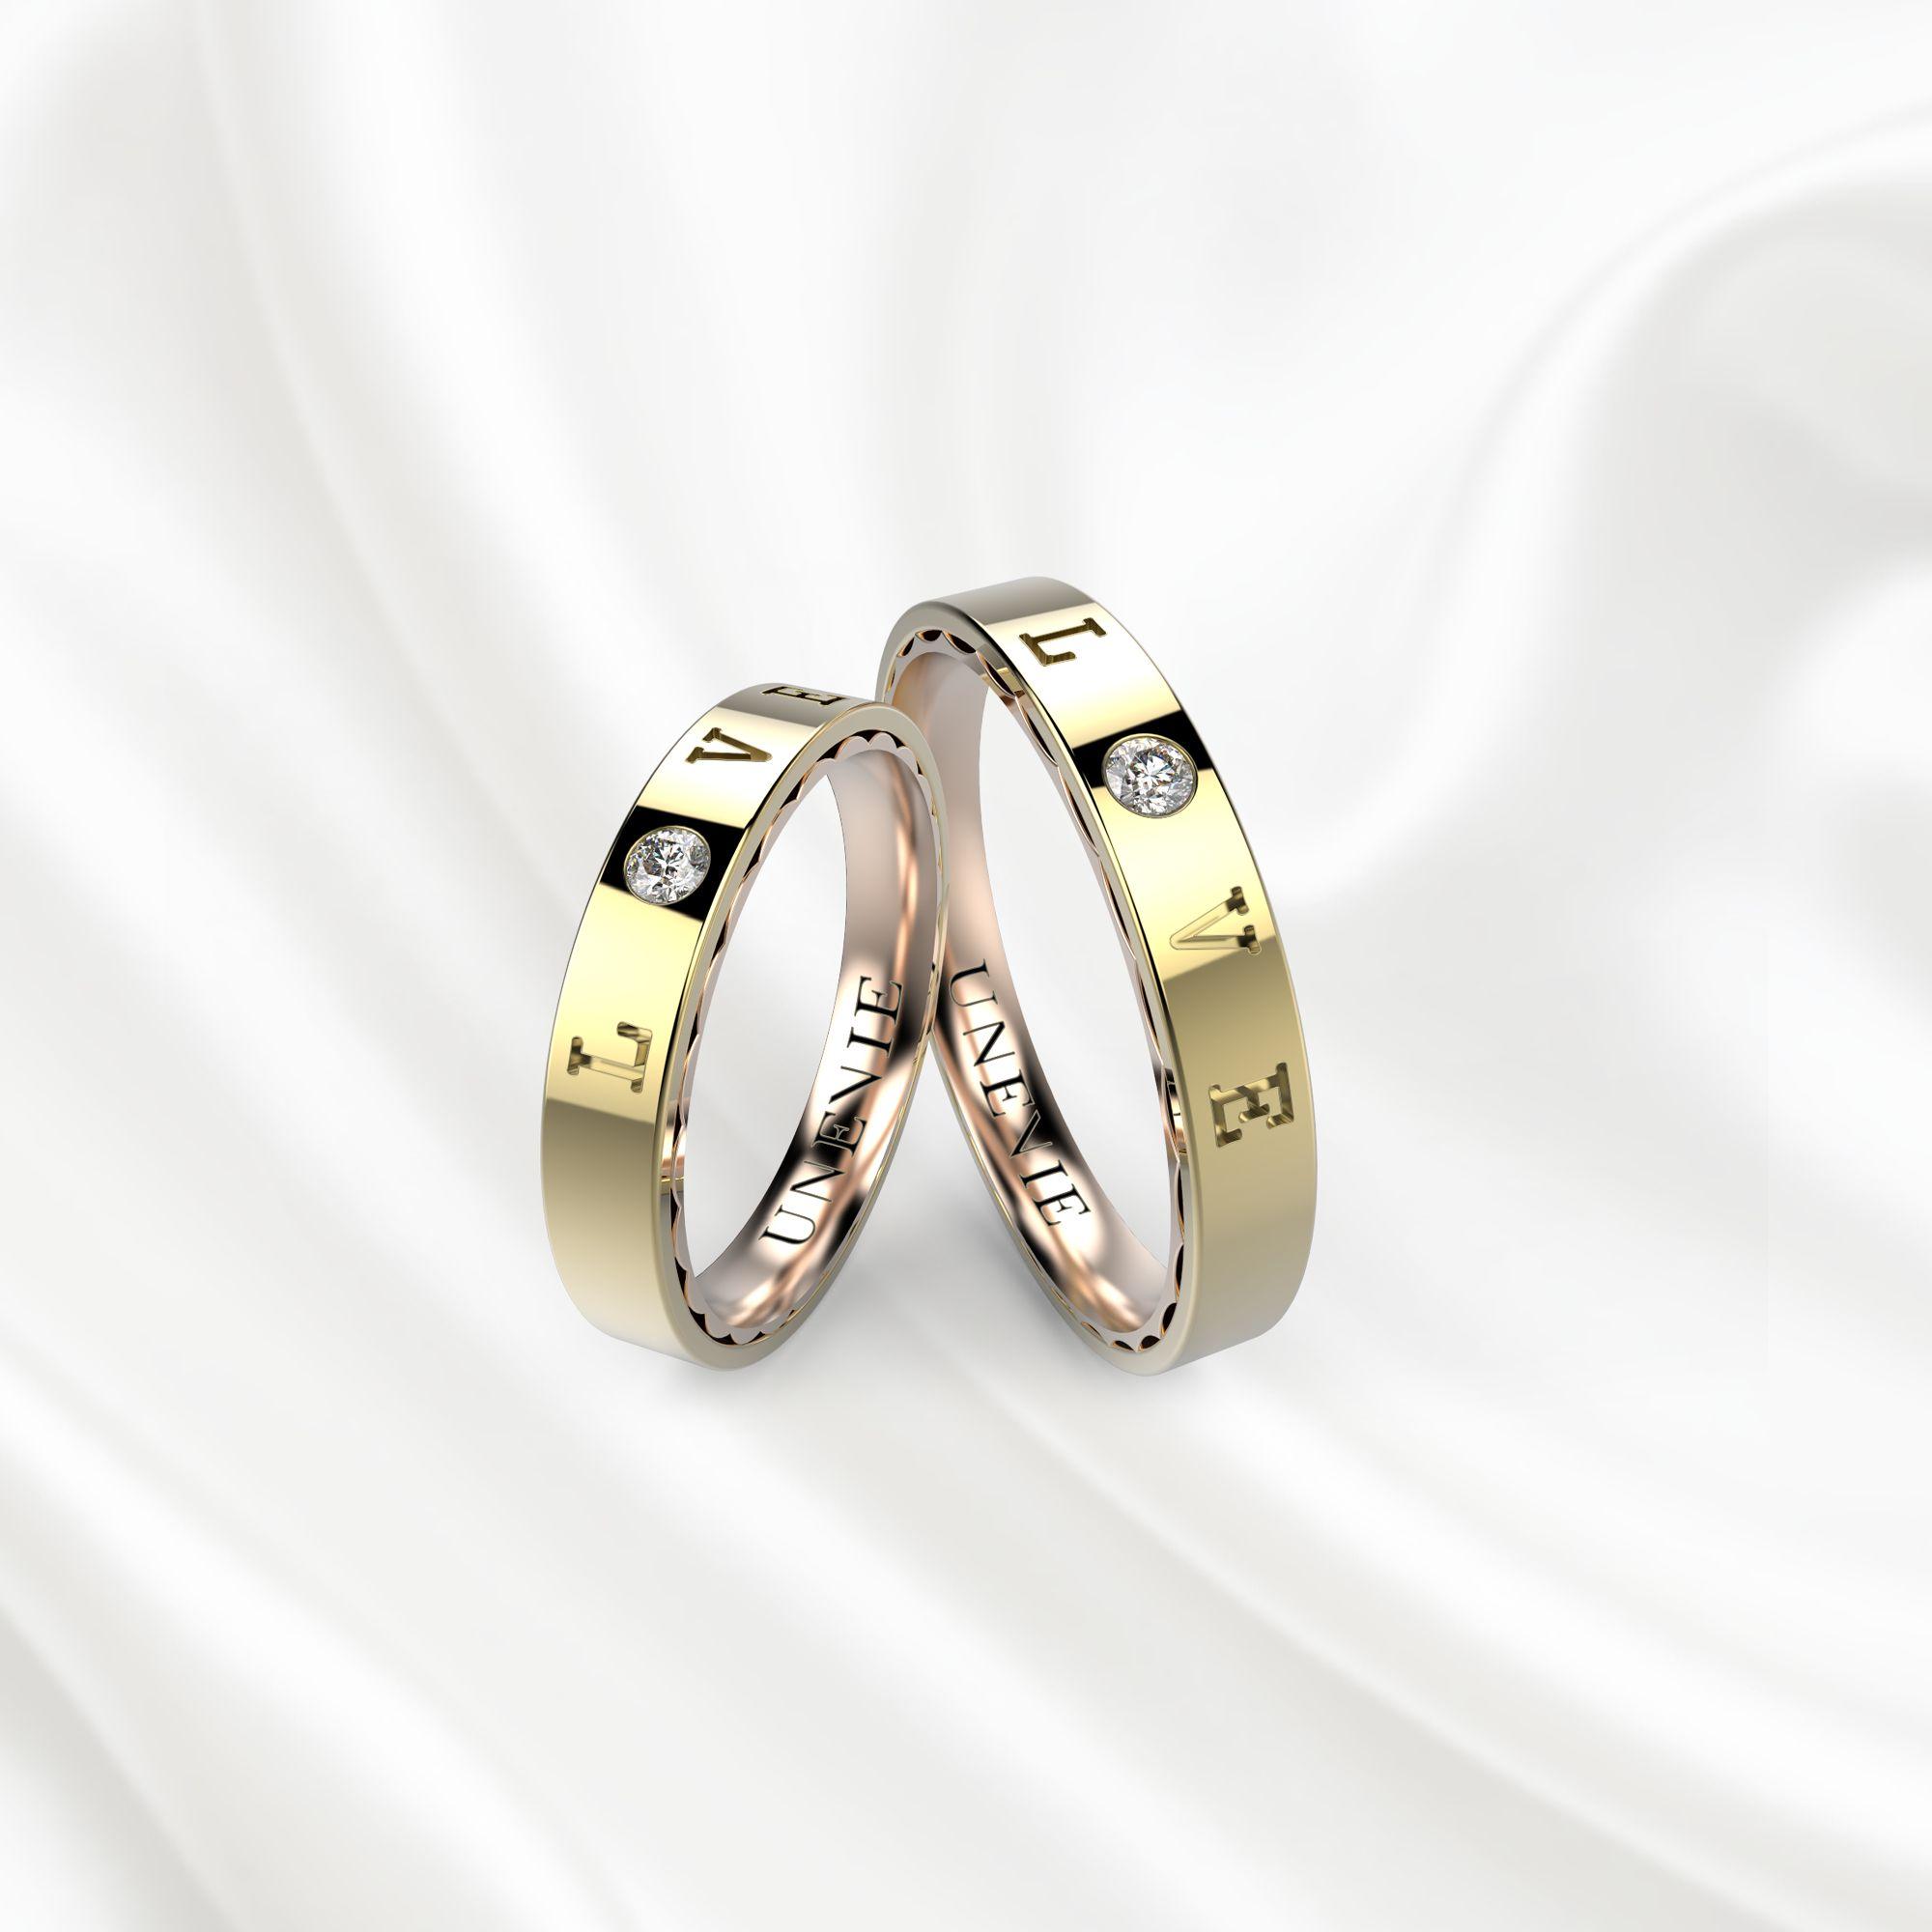 NV18 Обручальные кольца из желто-розового золота